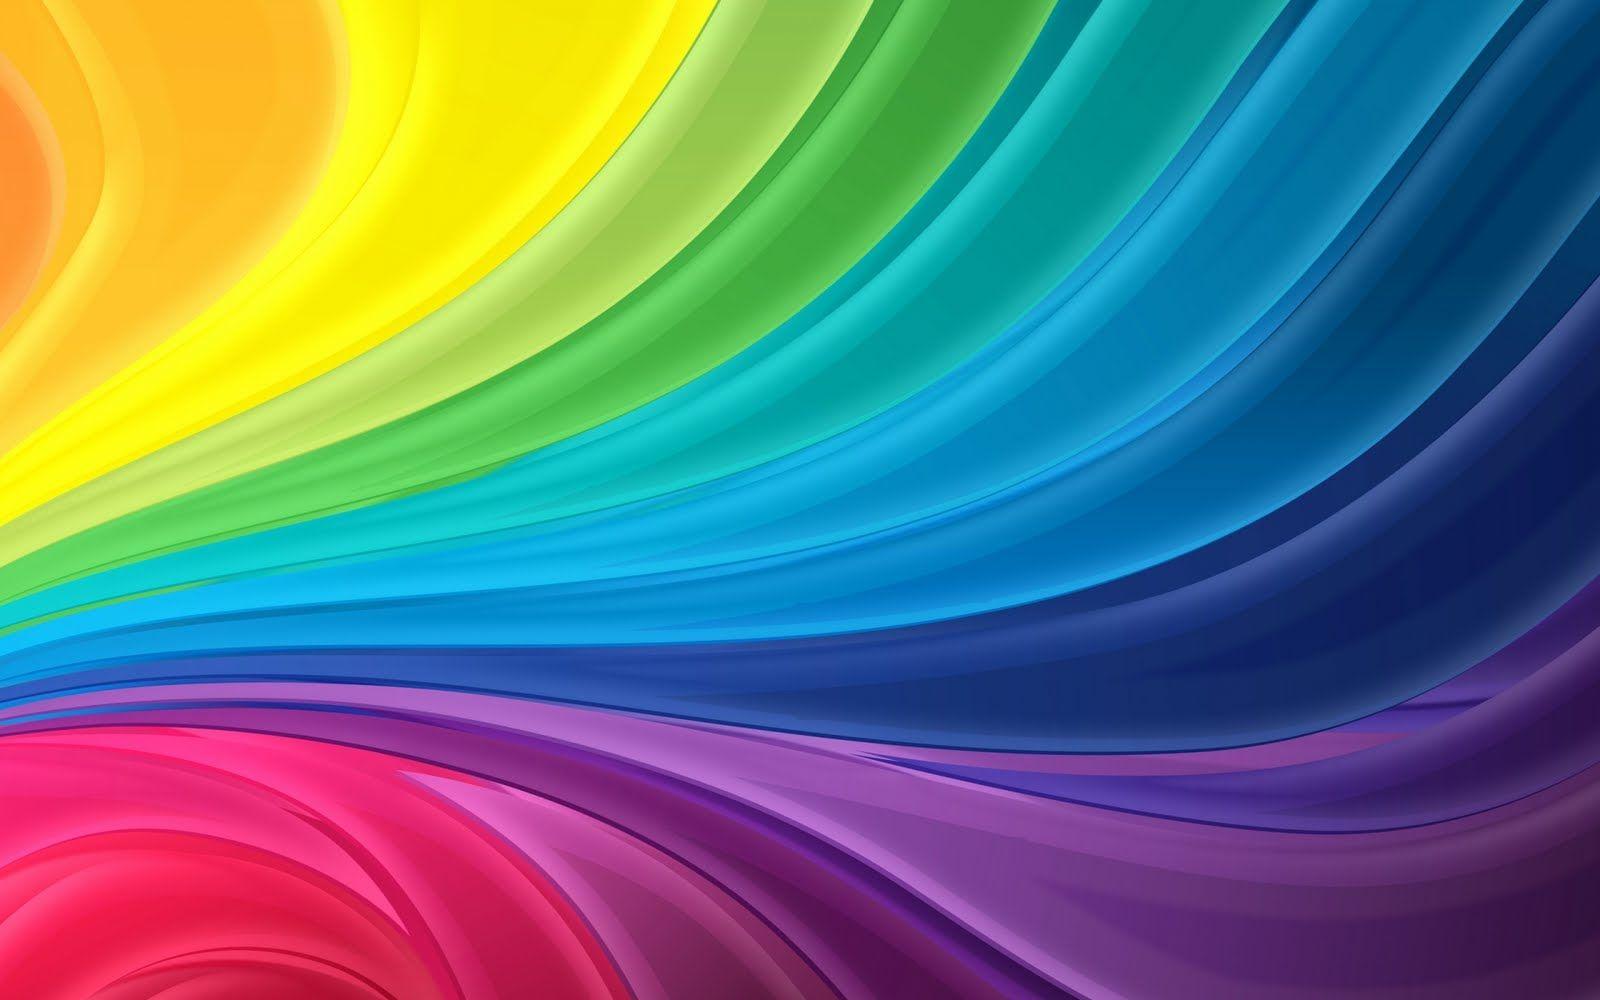 Siempre me ha gustado ordenar los colores siguiendo el orden del ...